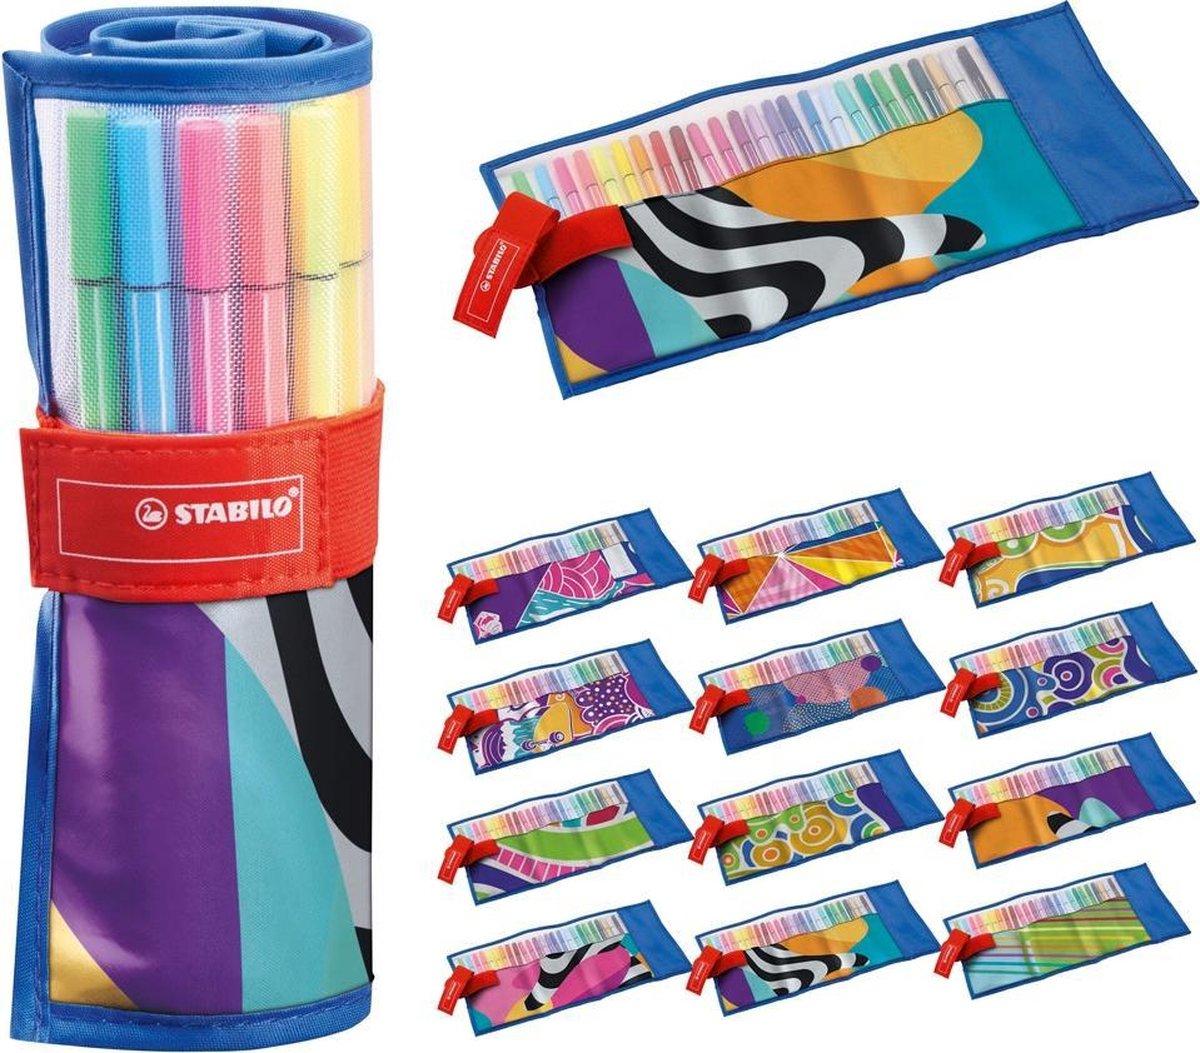 STABILO Pen 68 - Premium Viltstift - Rollerset - Just Like You Edition - Set Met 25 Kleuren